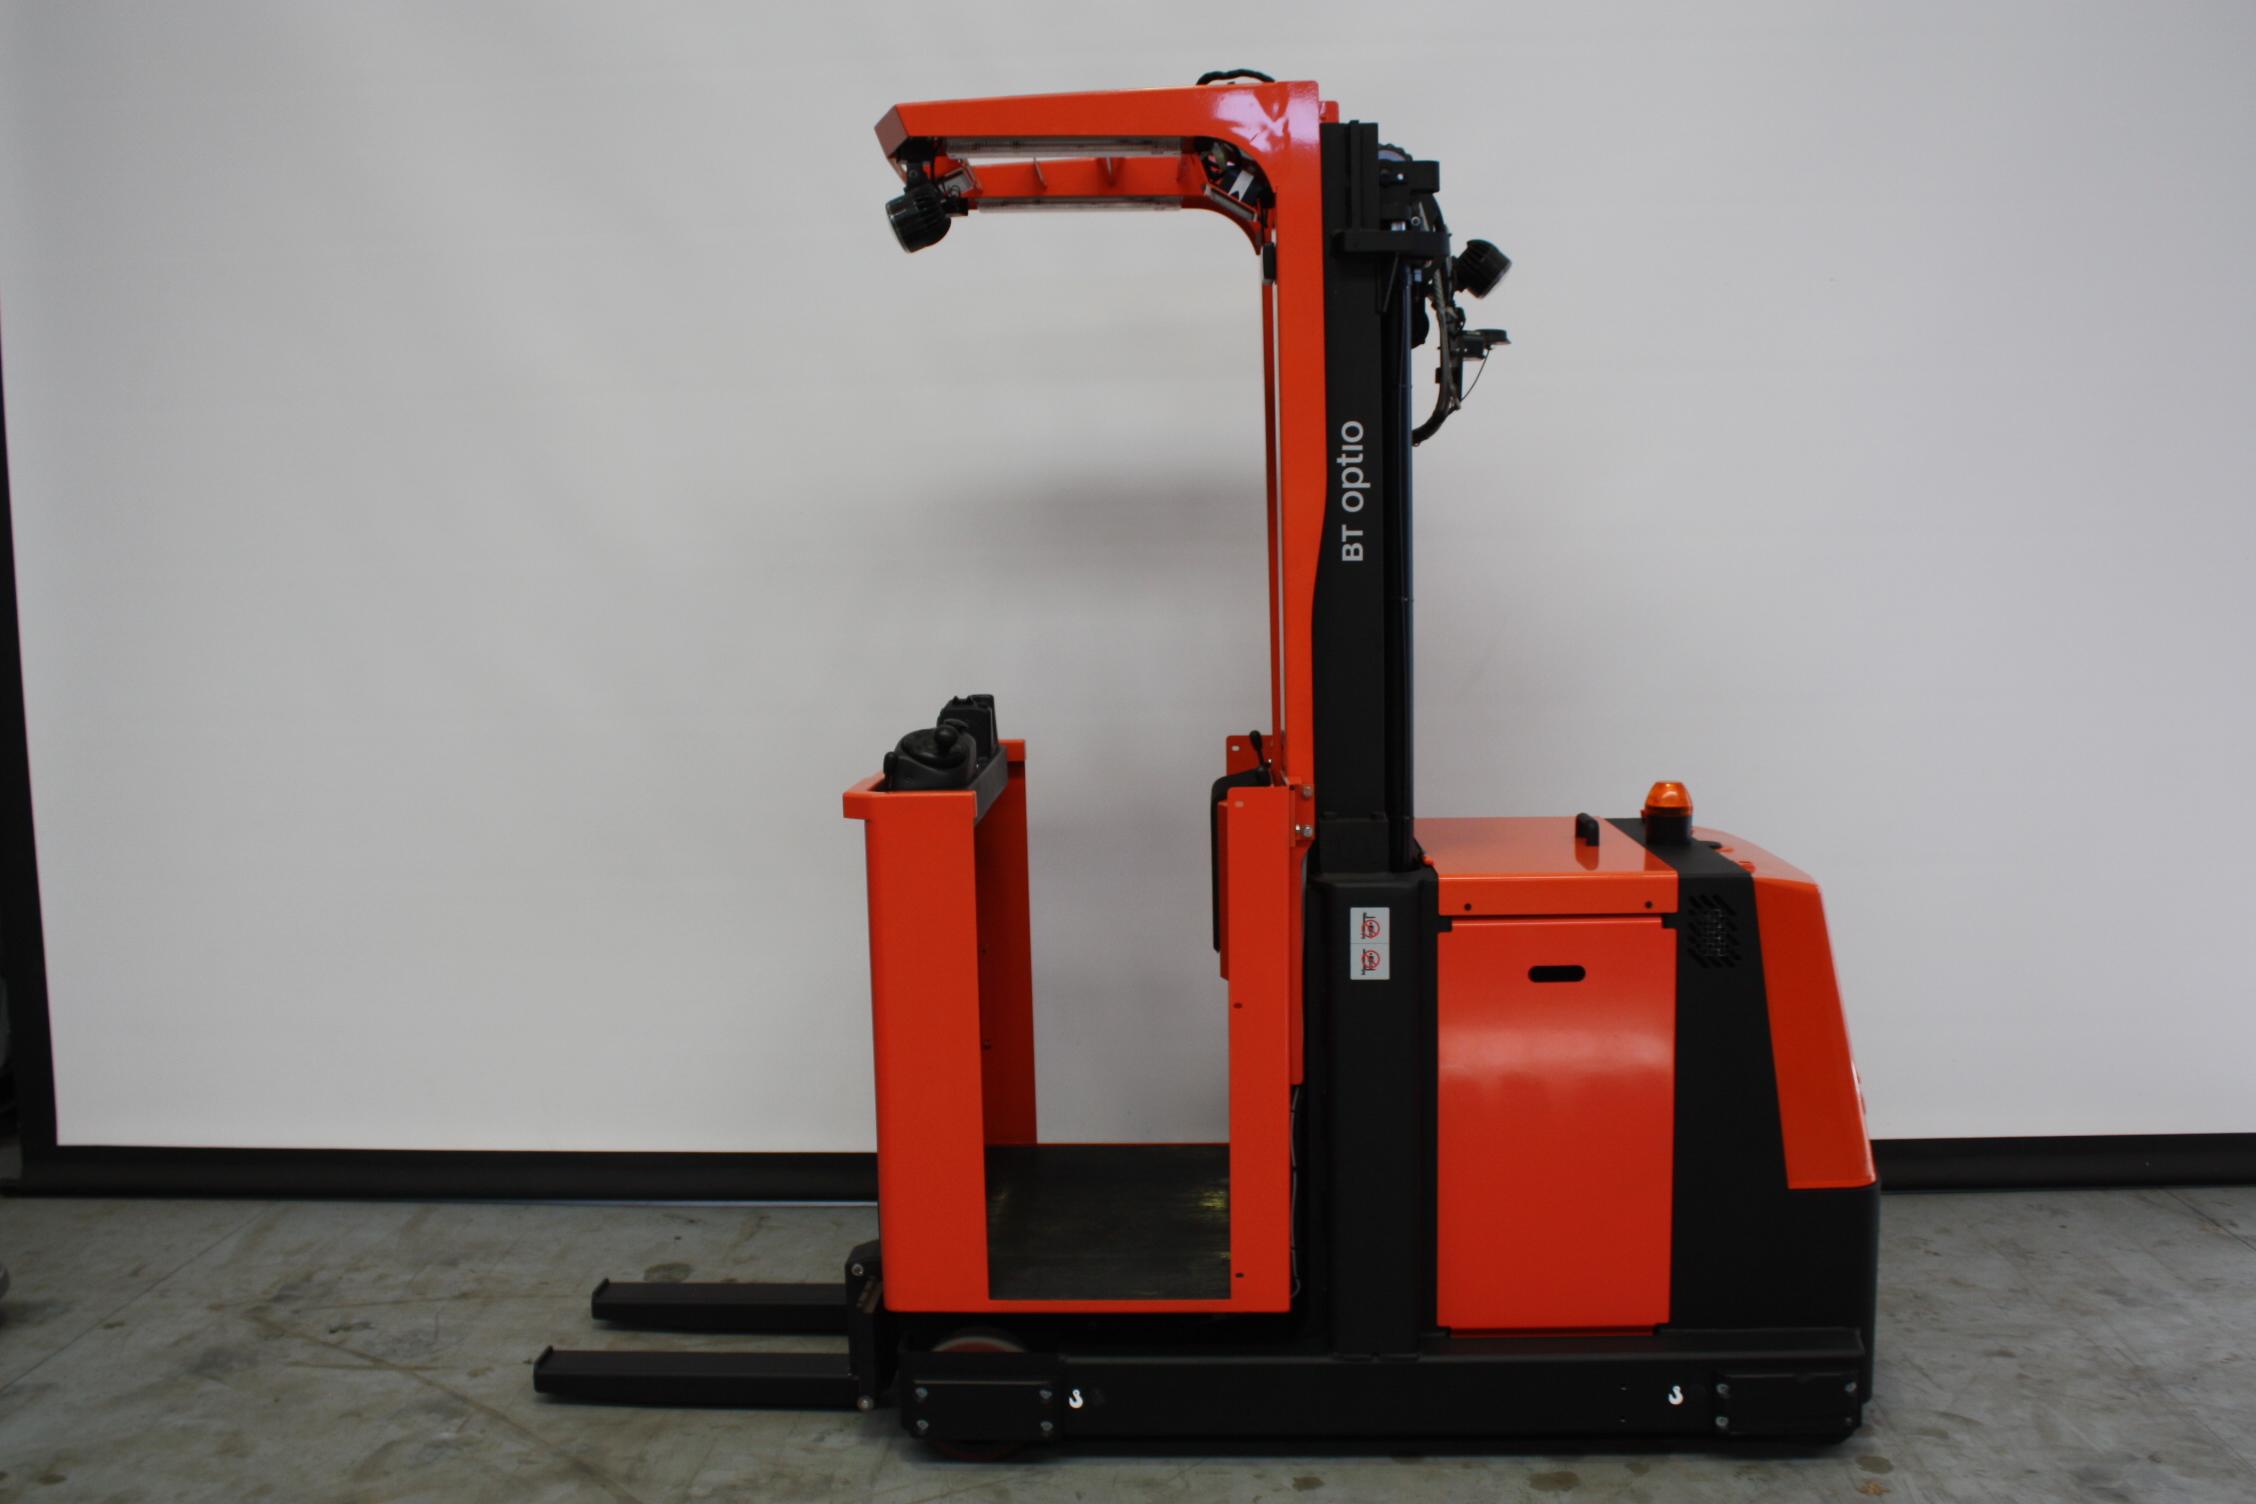 Toyota-Gabelstapler-59840 1405003041 1 39